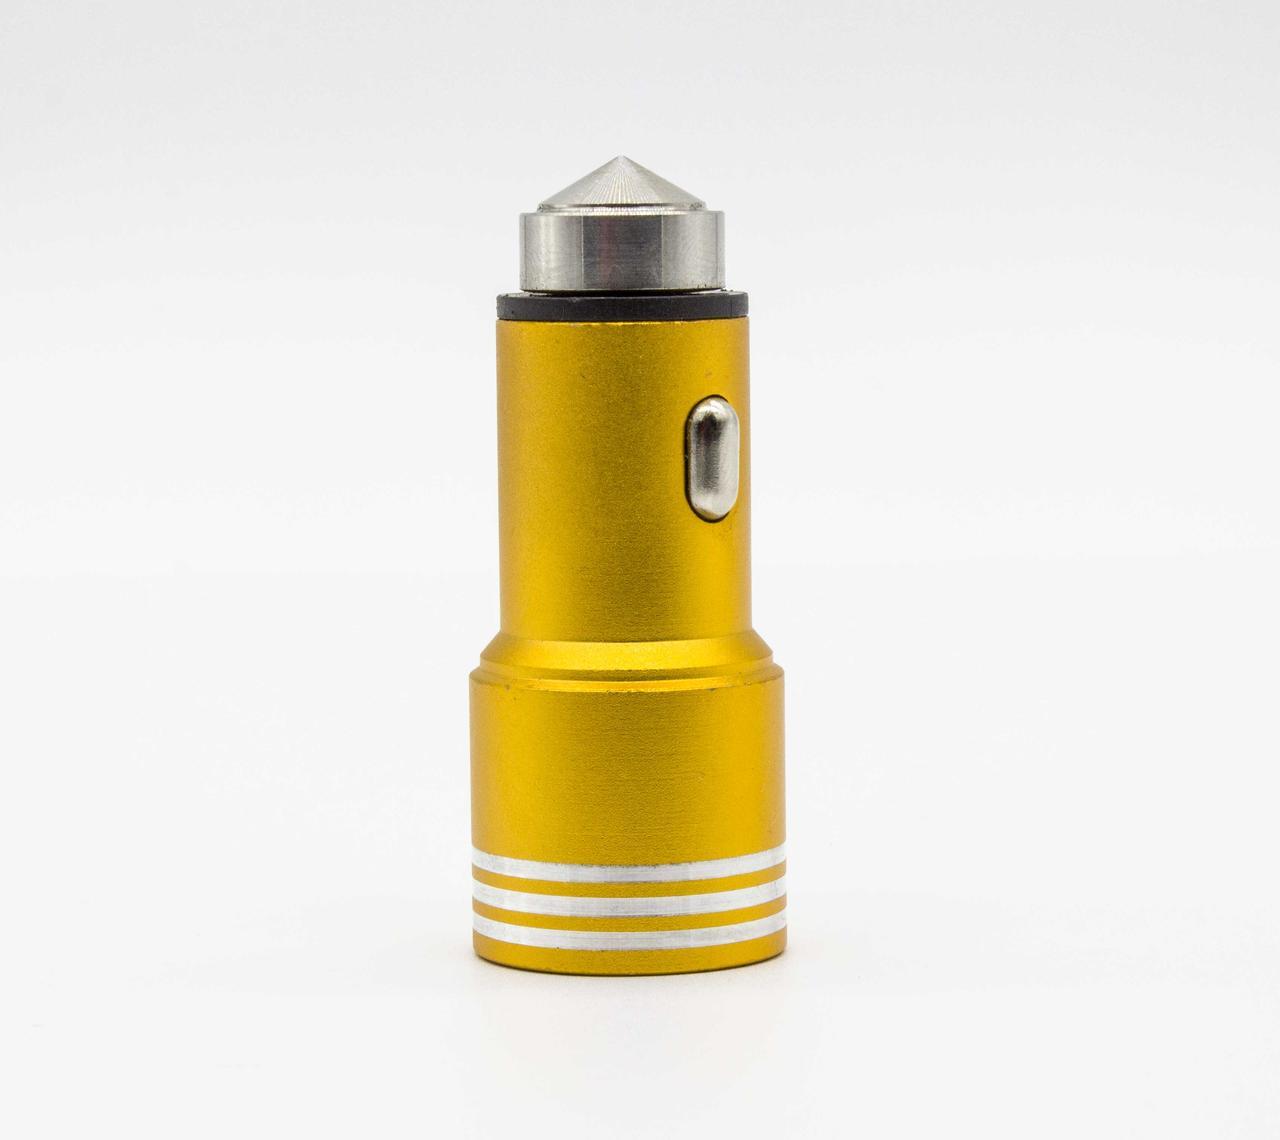 Зарядка автомобильная 12V 2 USB Железный стеклобой